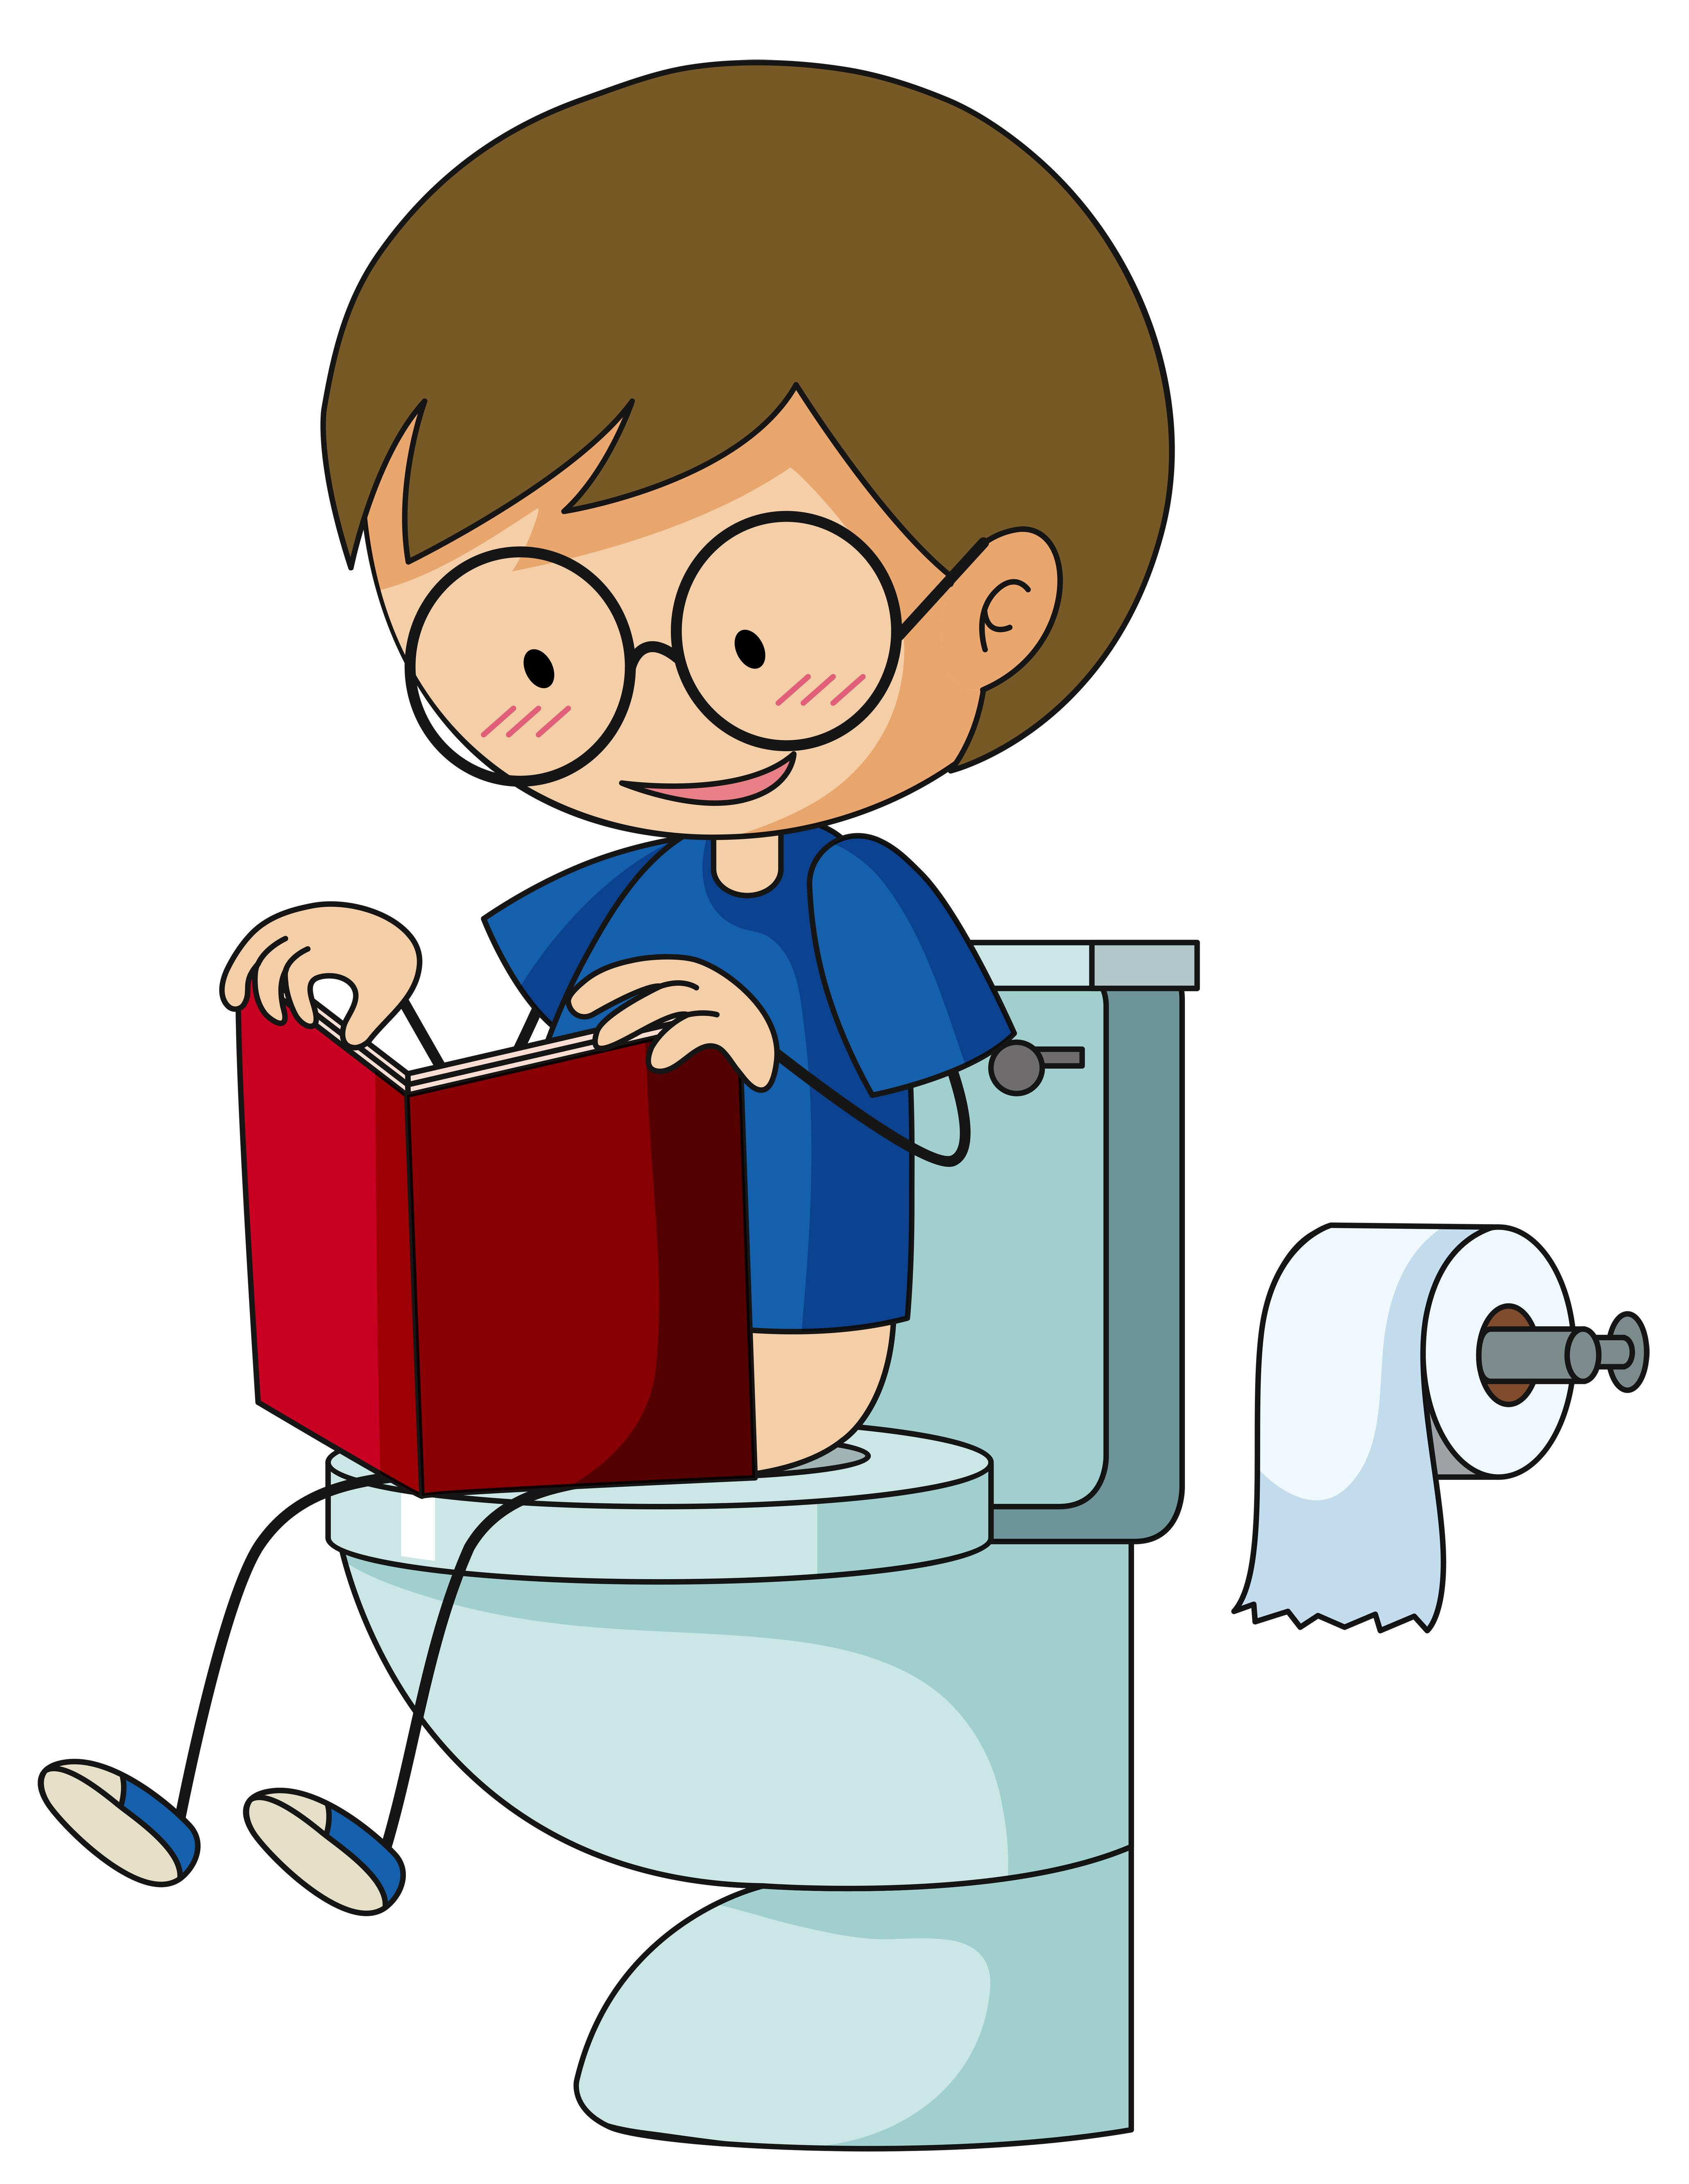 Смешные картинки про чтение в туалете, для открытка